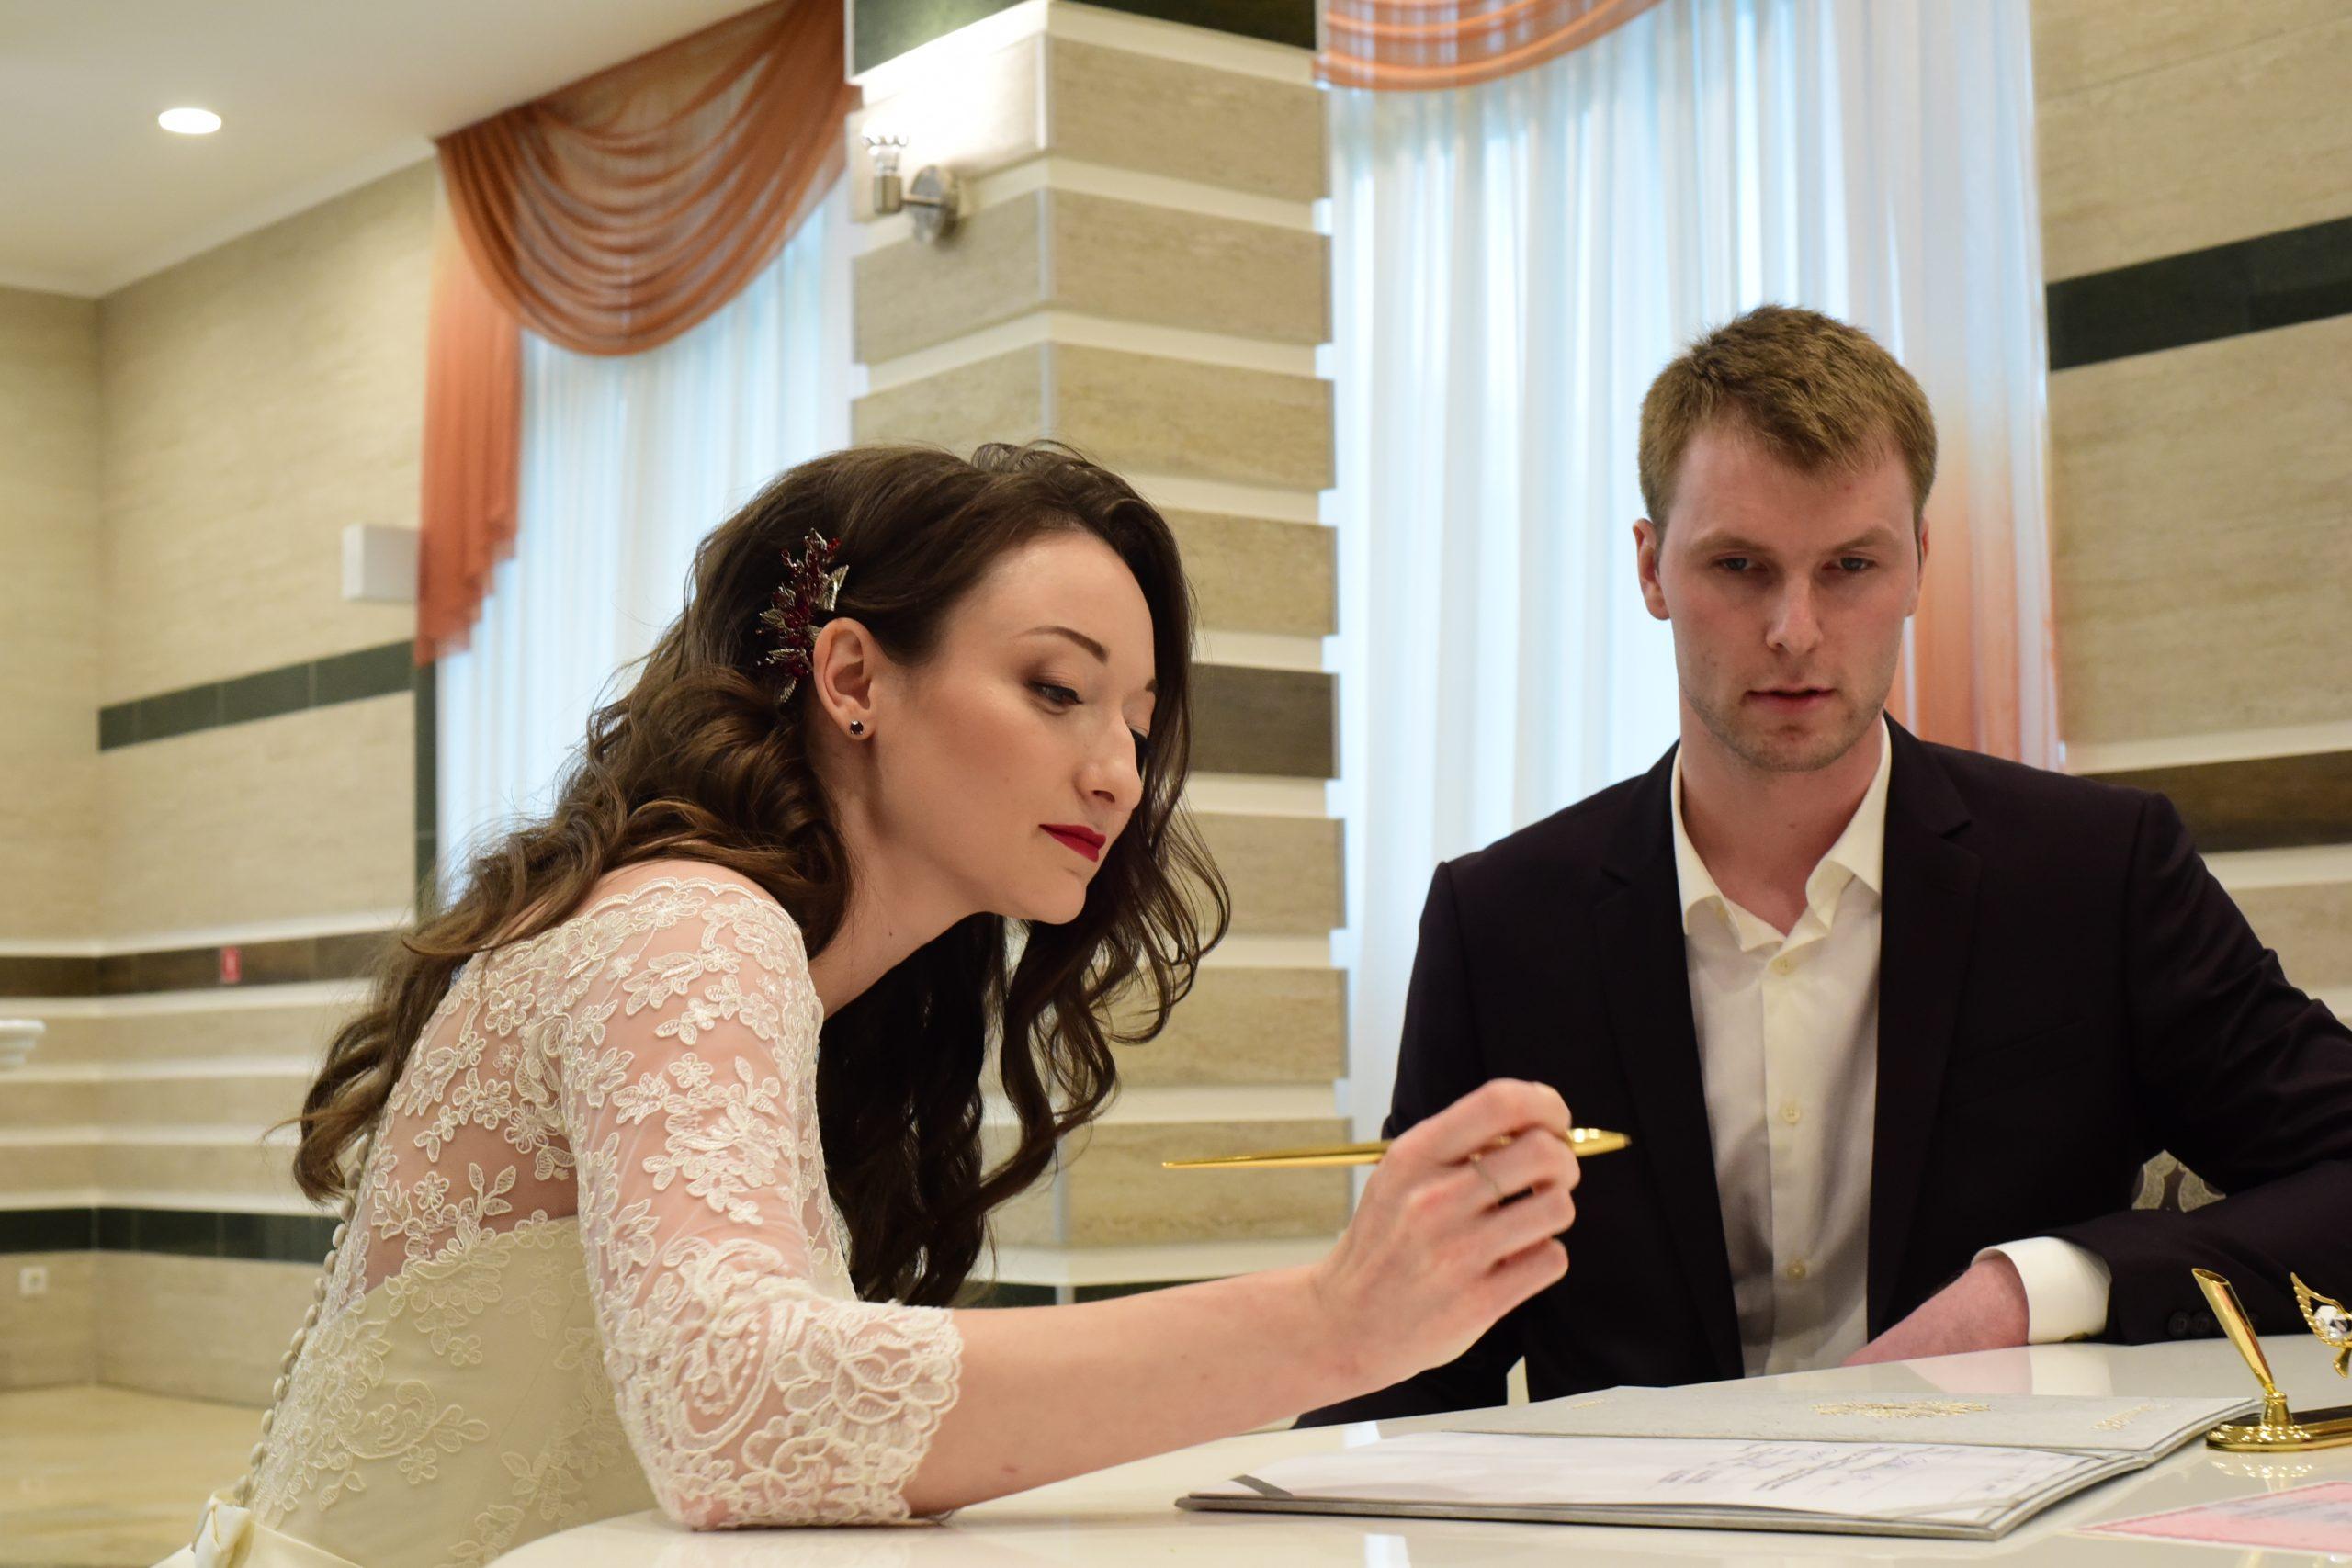 Москвичи подали более 28 тысяч заявлений о регистрации брака в 2021 году